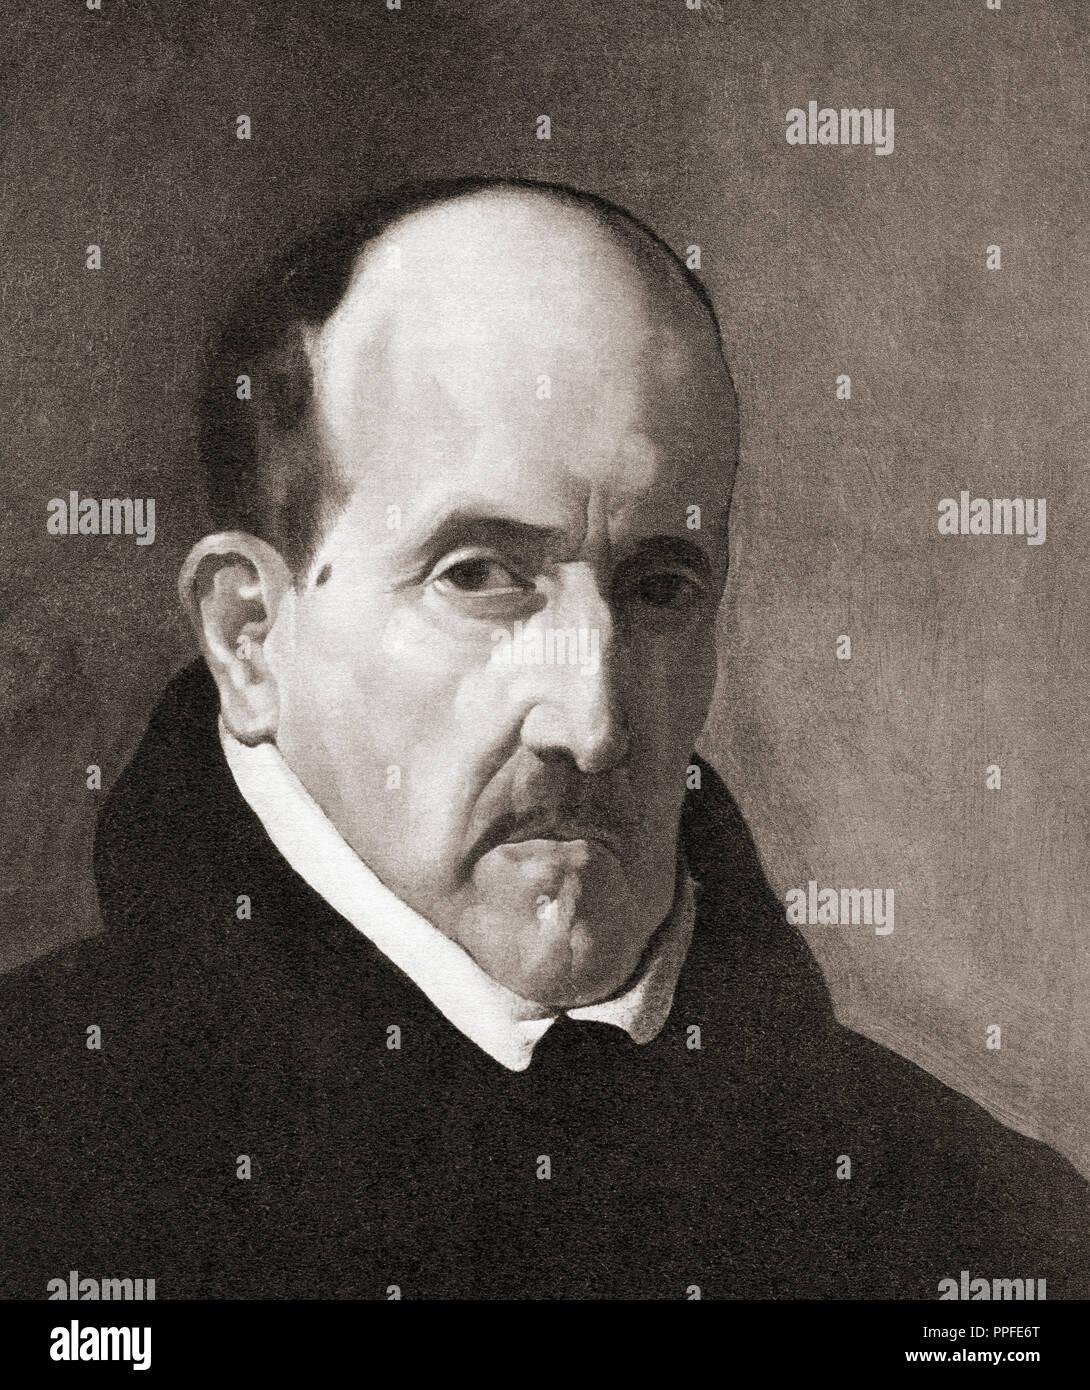 Luis de Góngora y Argote, born Luis de Argote y Góngora, 1561 – 1627.  Spanish Baroque lyric poet. - Stock Image